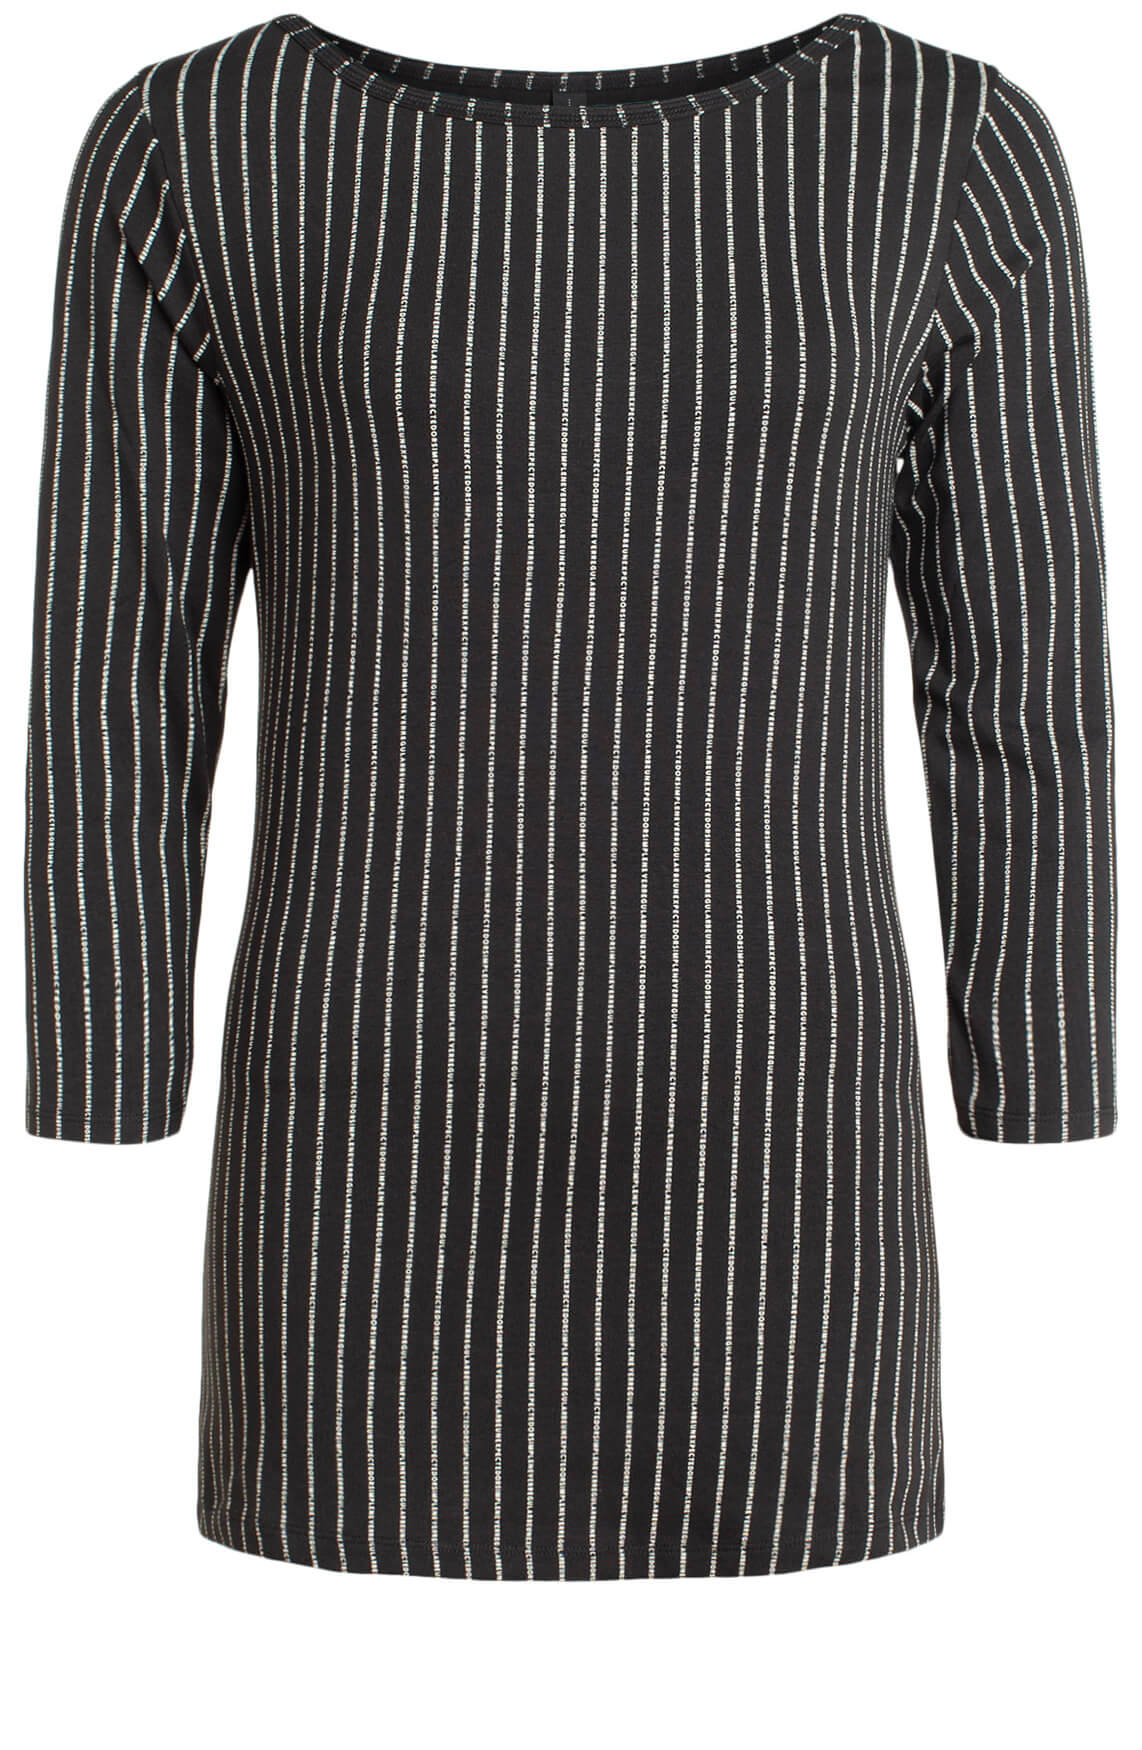 10 Days Dames Shirt met tekstprint zwart